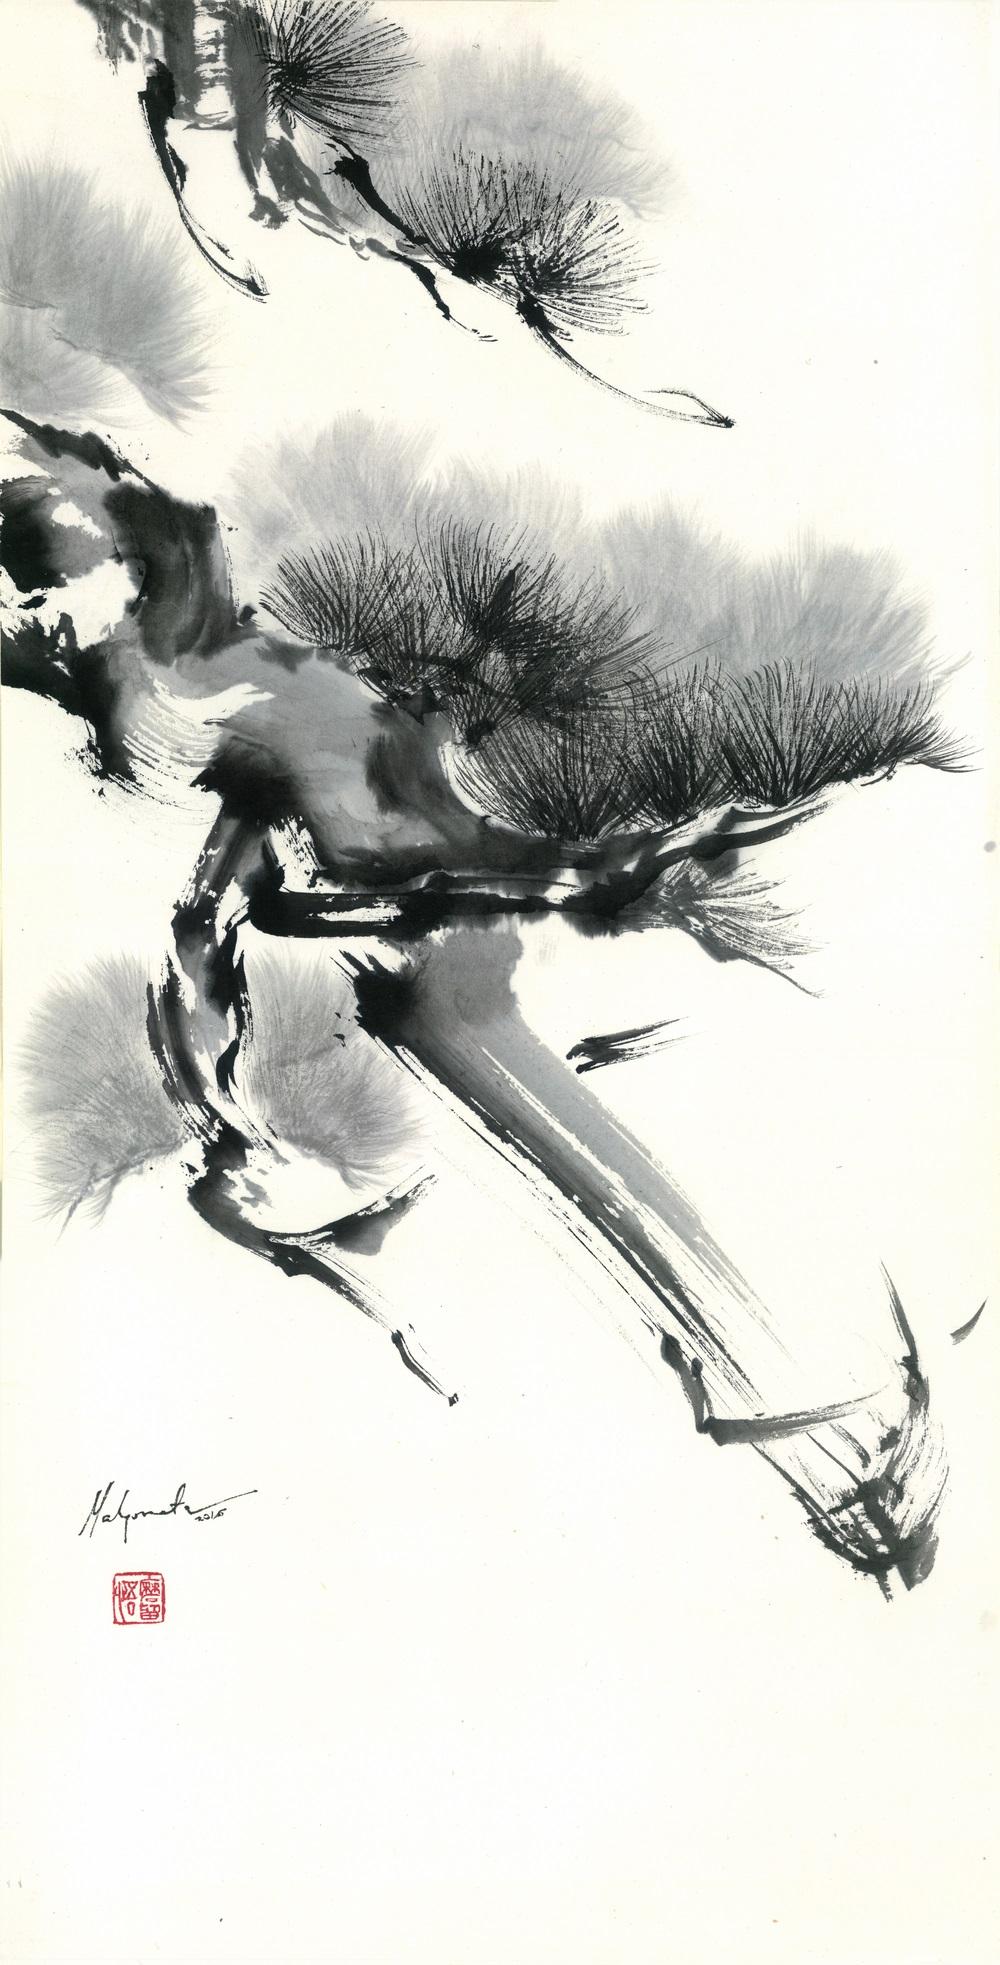 Malgorzata Olejniczak, Kiefer, 2016, Hängerolle, Tusche auf japanischem Papier, 66,5 x 33,5 cm, mit Seidenmontierung 119 x45 cm (Ausschnitt)